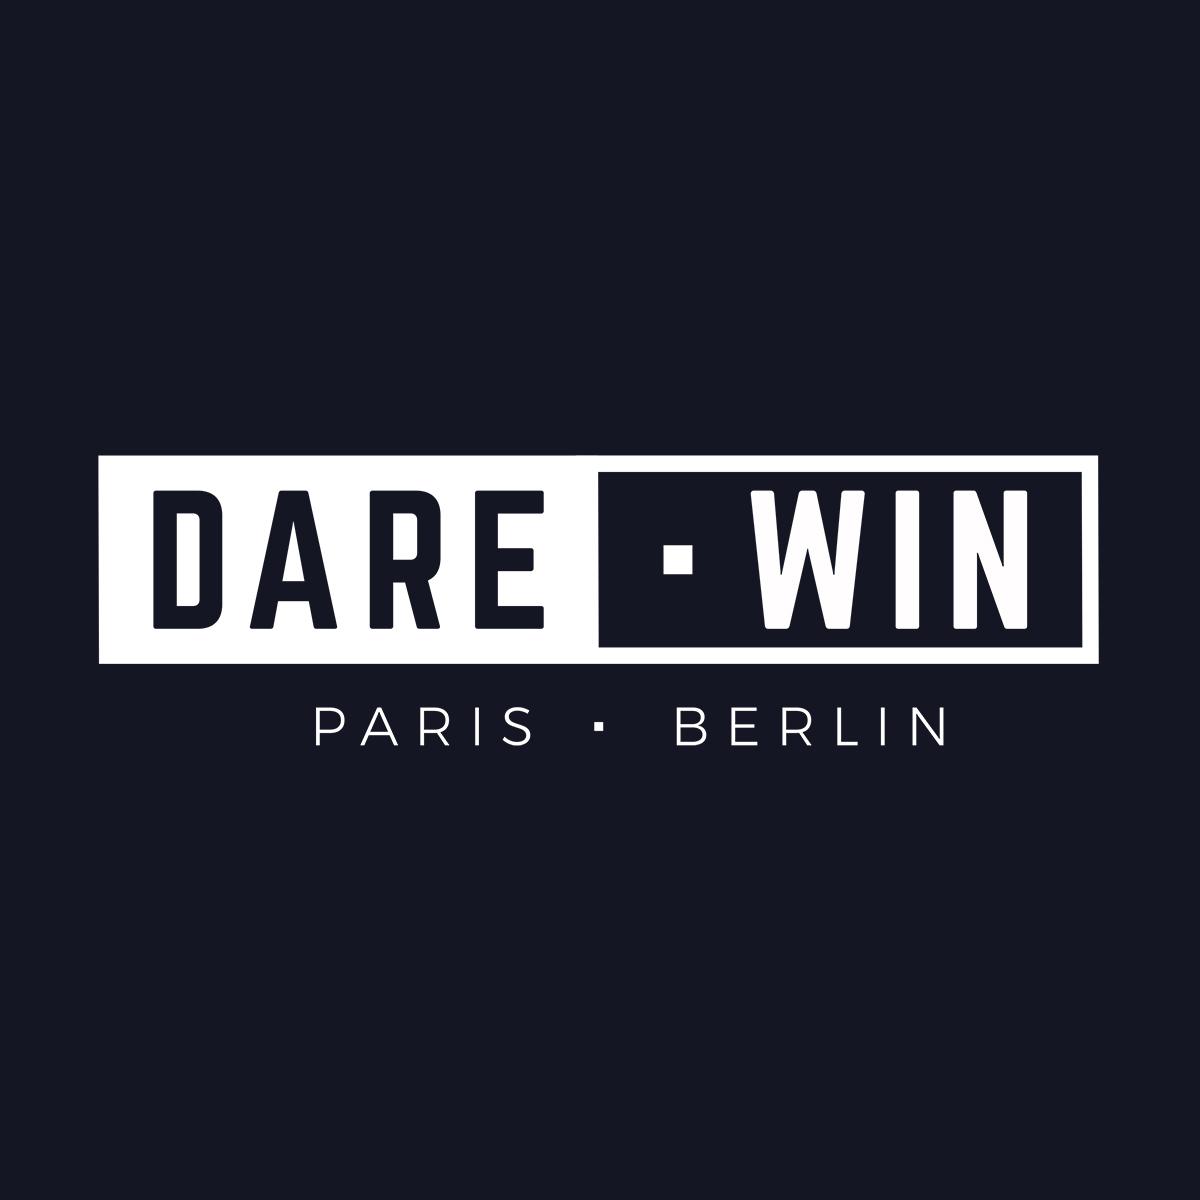 Dare.Win